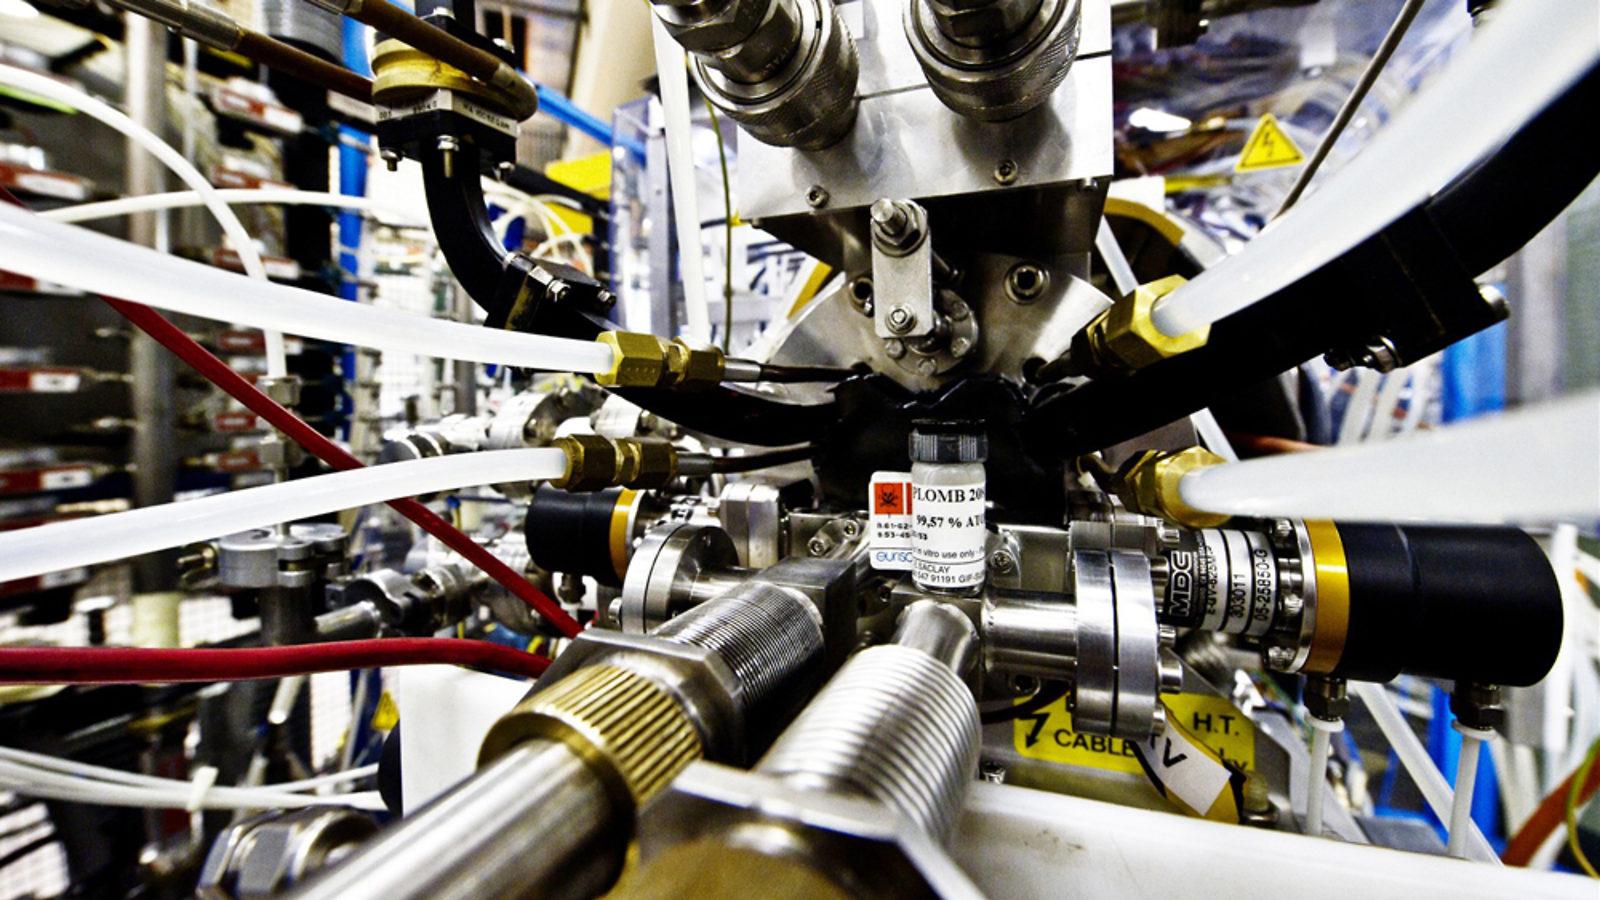 Photo: Linac 3 at CERN